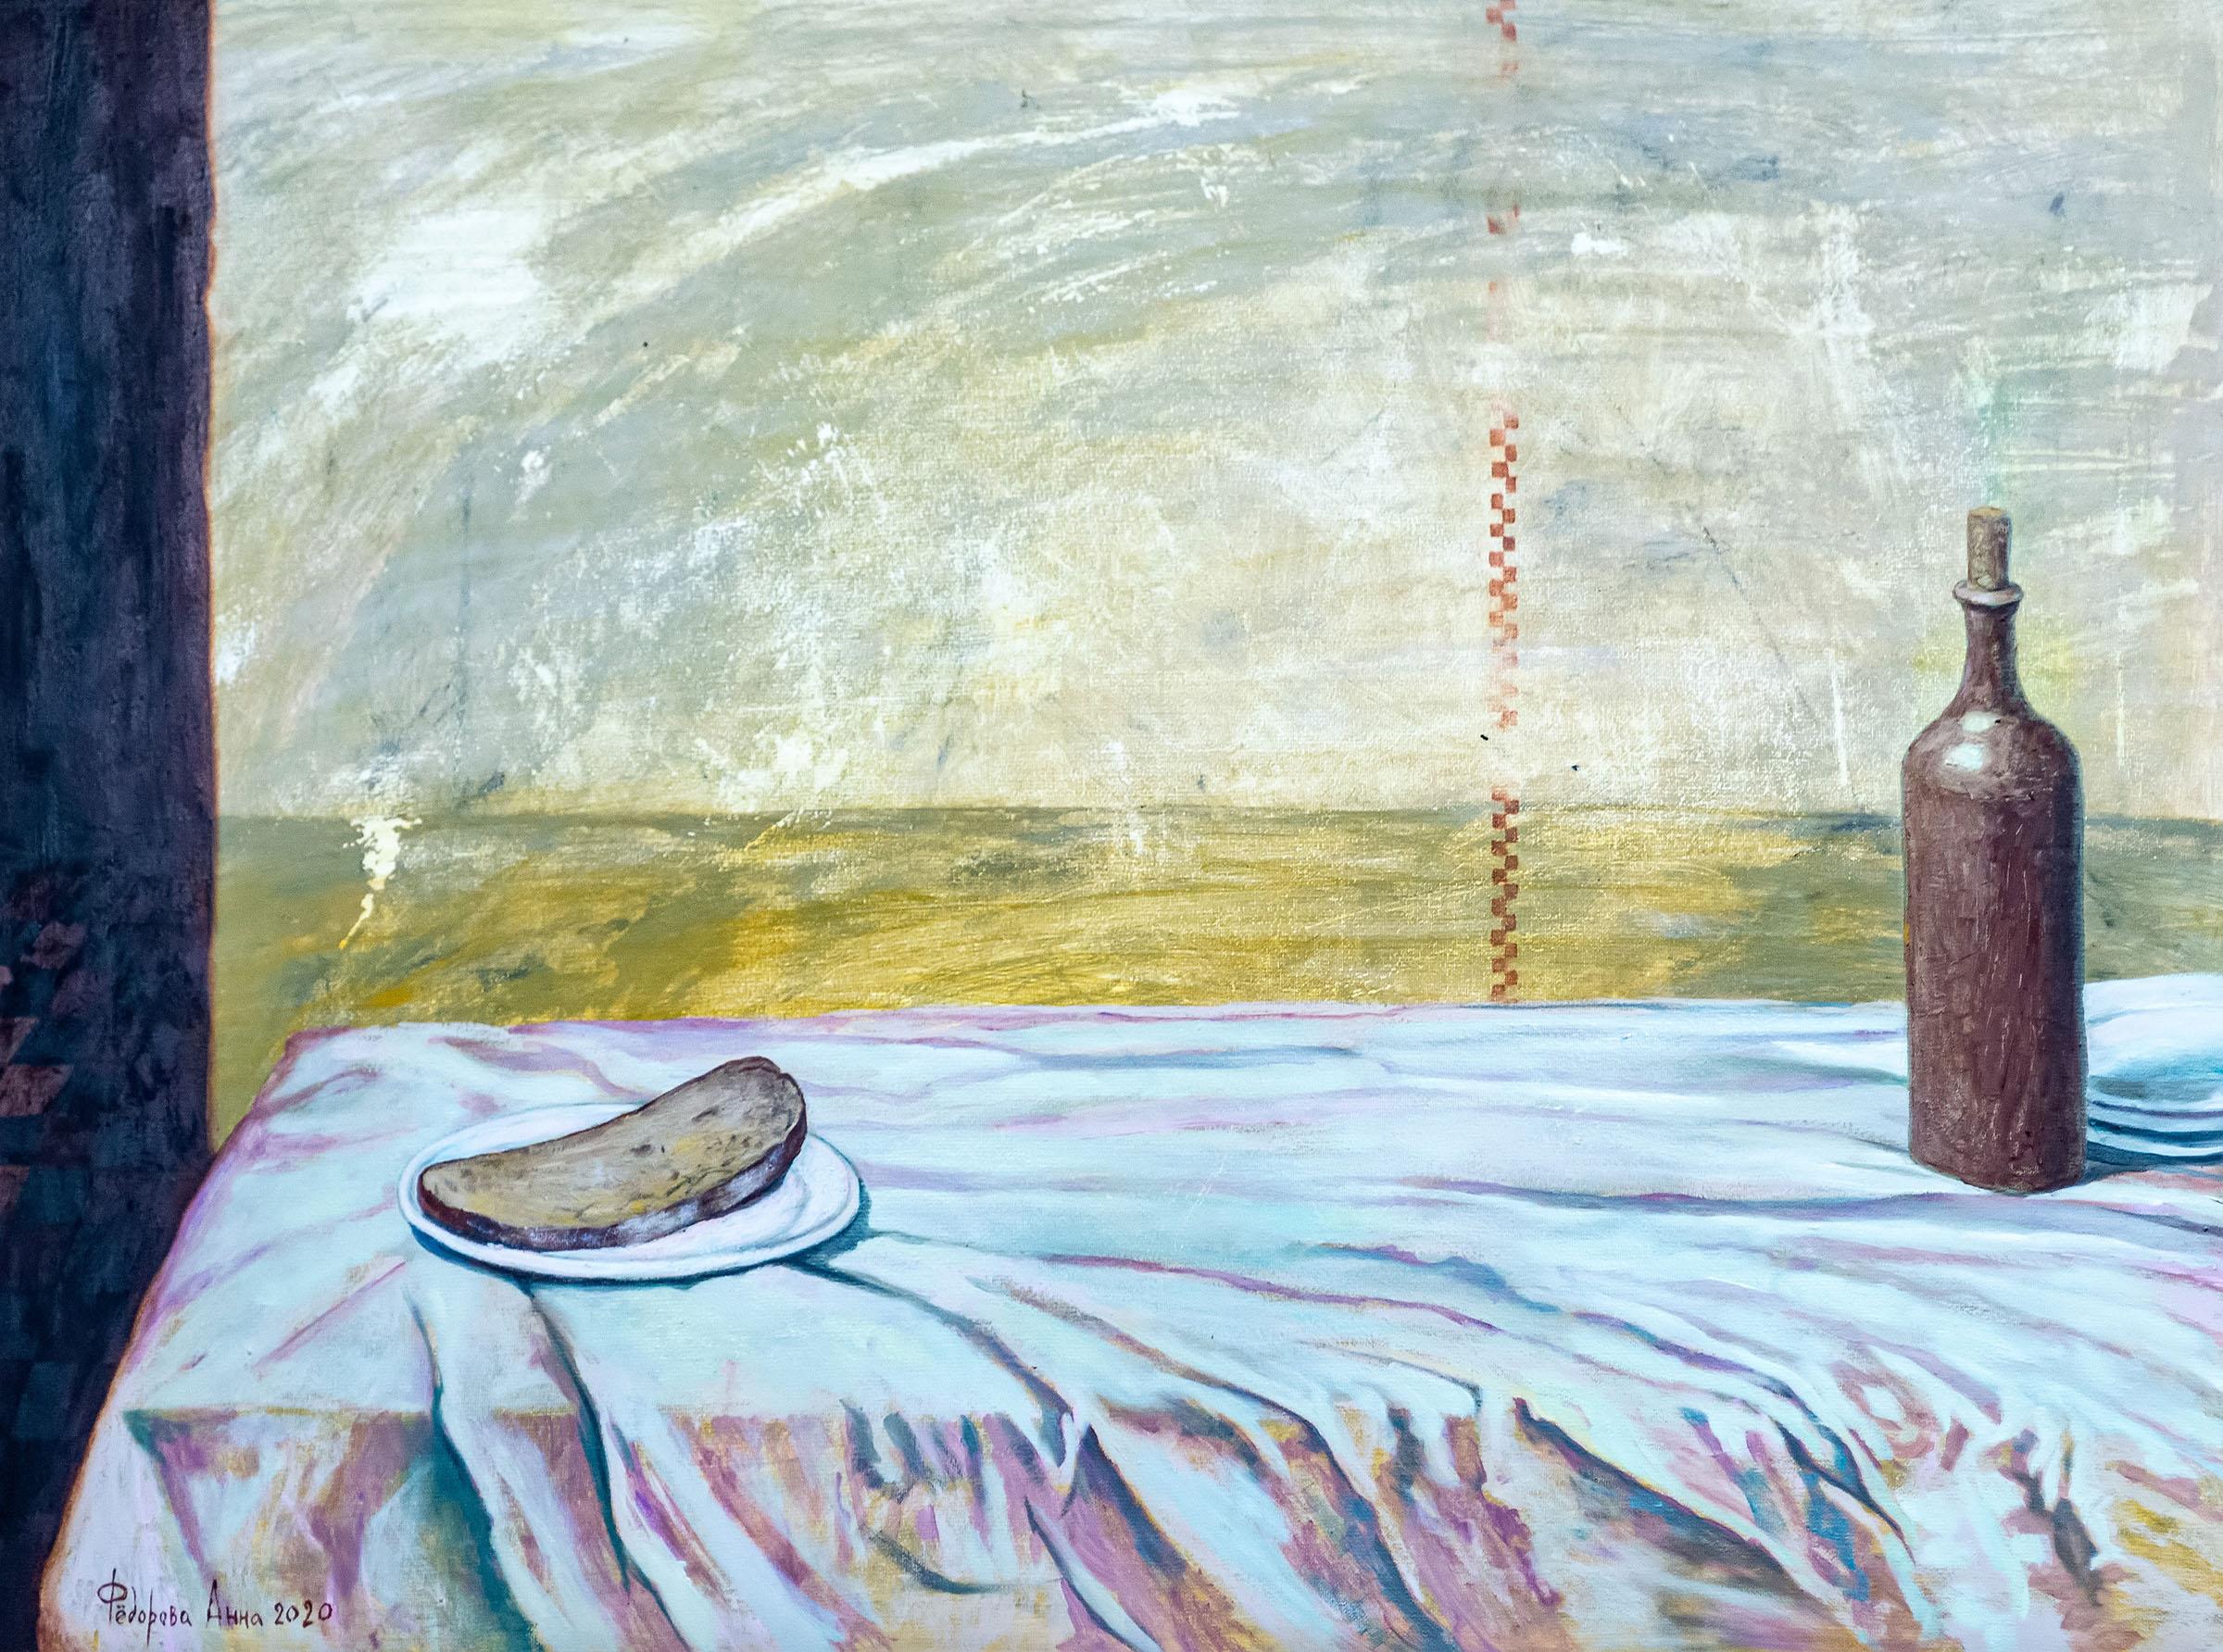 Тайная вечеря. 2020. Анна Федорова::«Апокалипсис. Возрождение ». Адель Халиуллин (скульптура), Анна Федорова (живопись)